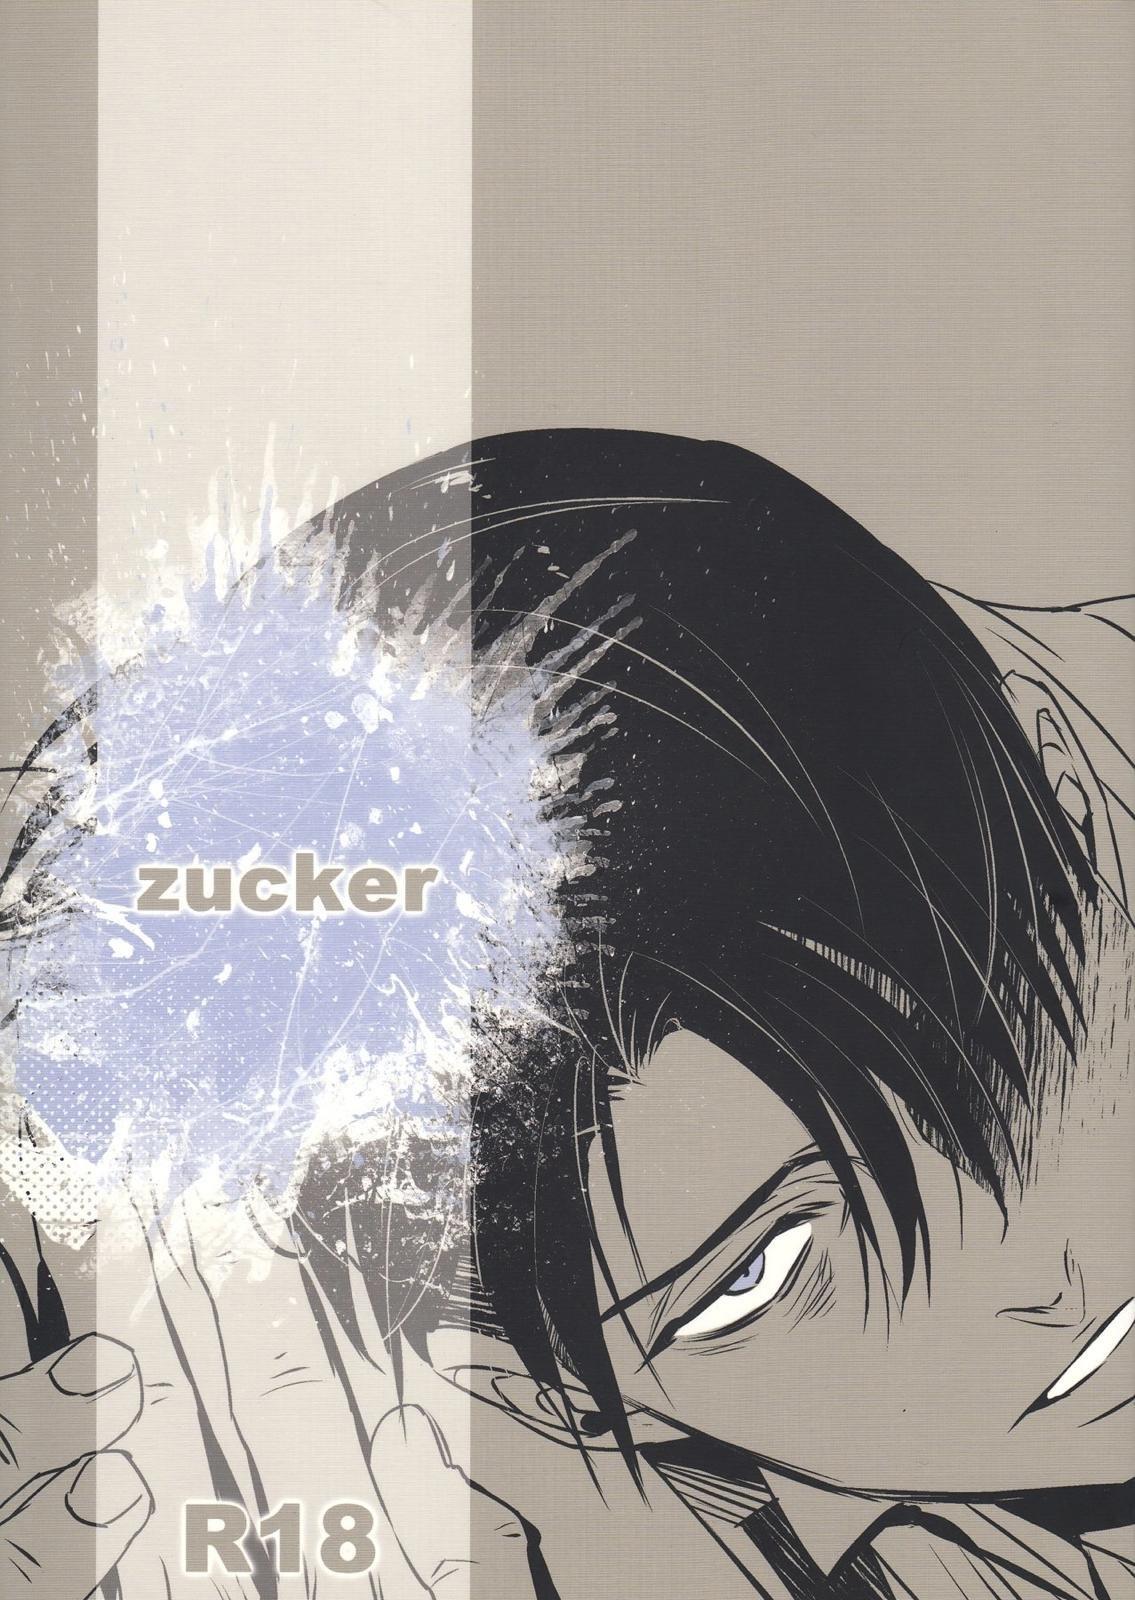 【進撃の巨人BL同人誌】リヴァイ×ジャン「zucker」※腐女子向け漫画【ボーイズラブ】